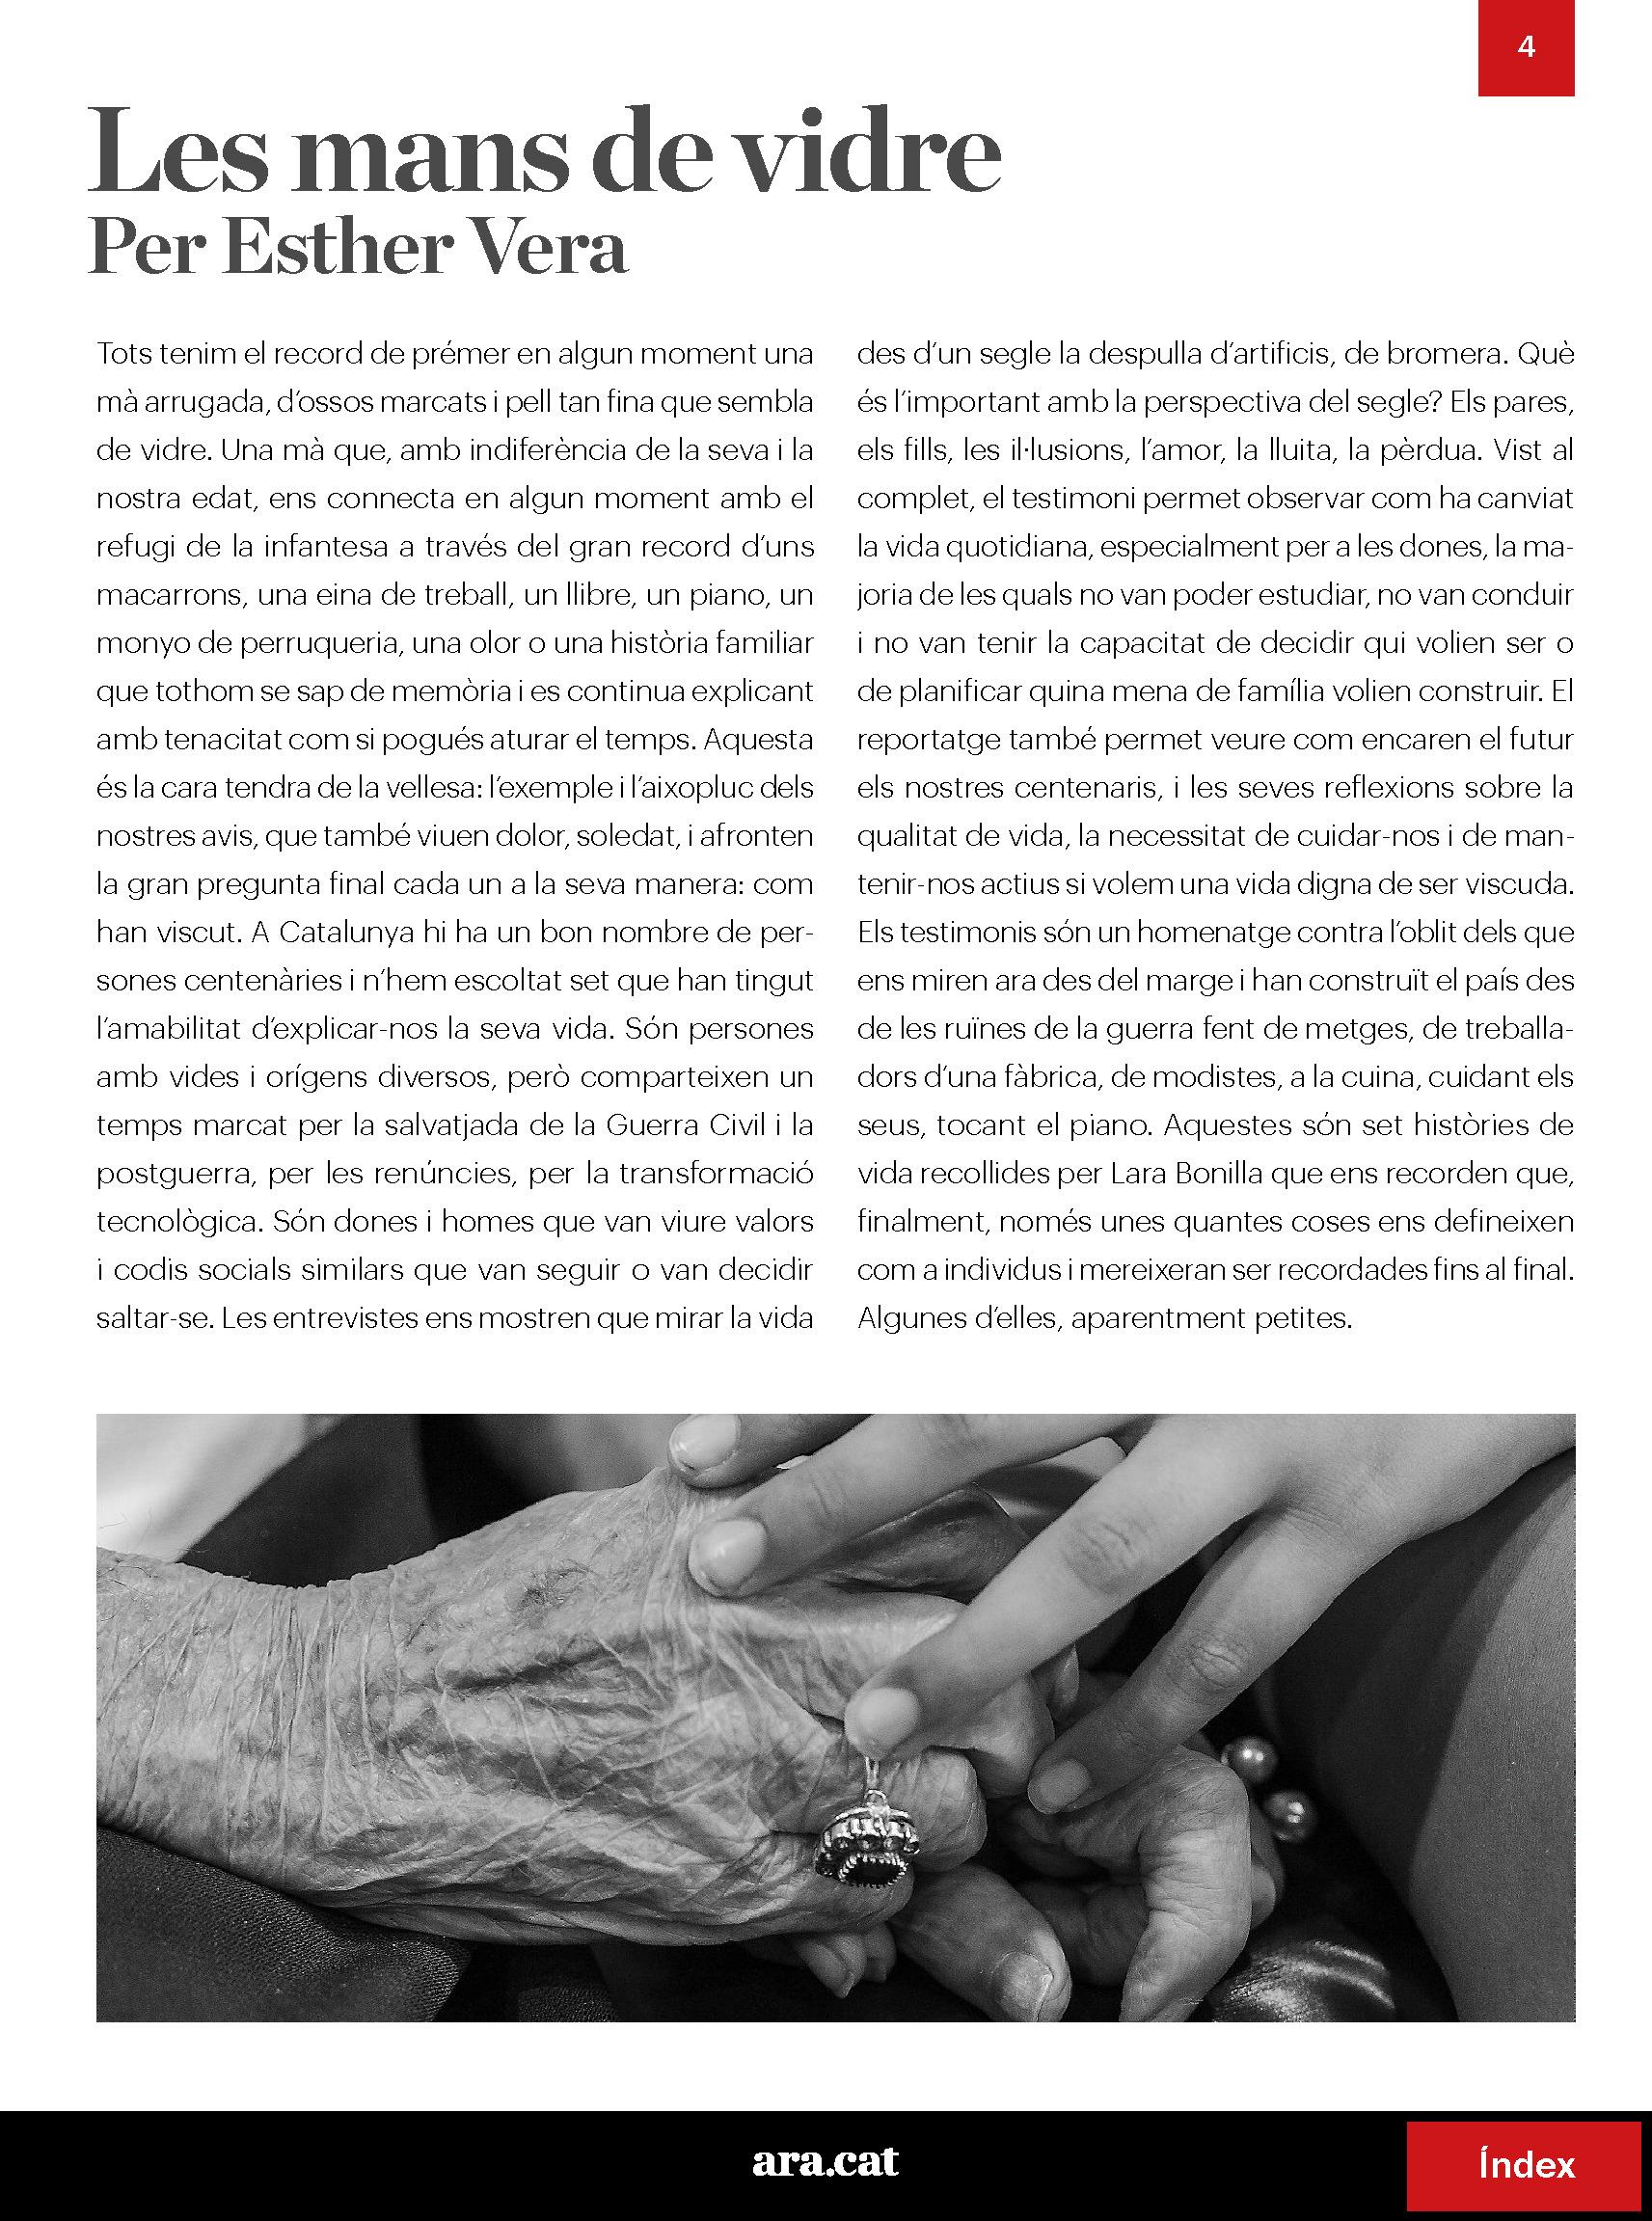 Un segle de vida quotidiana a Catalunya 3